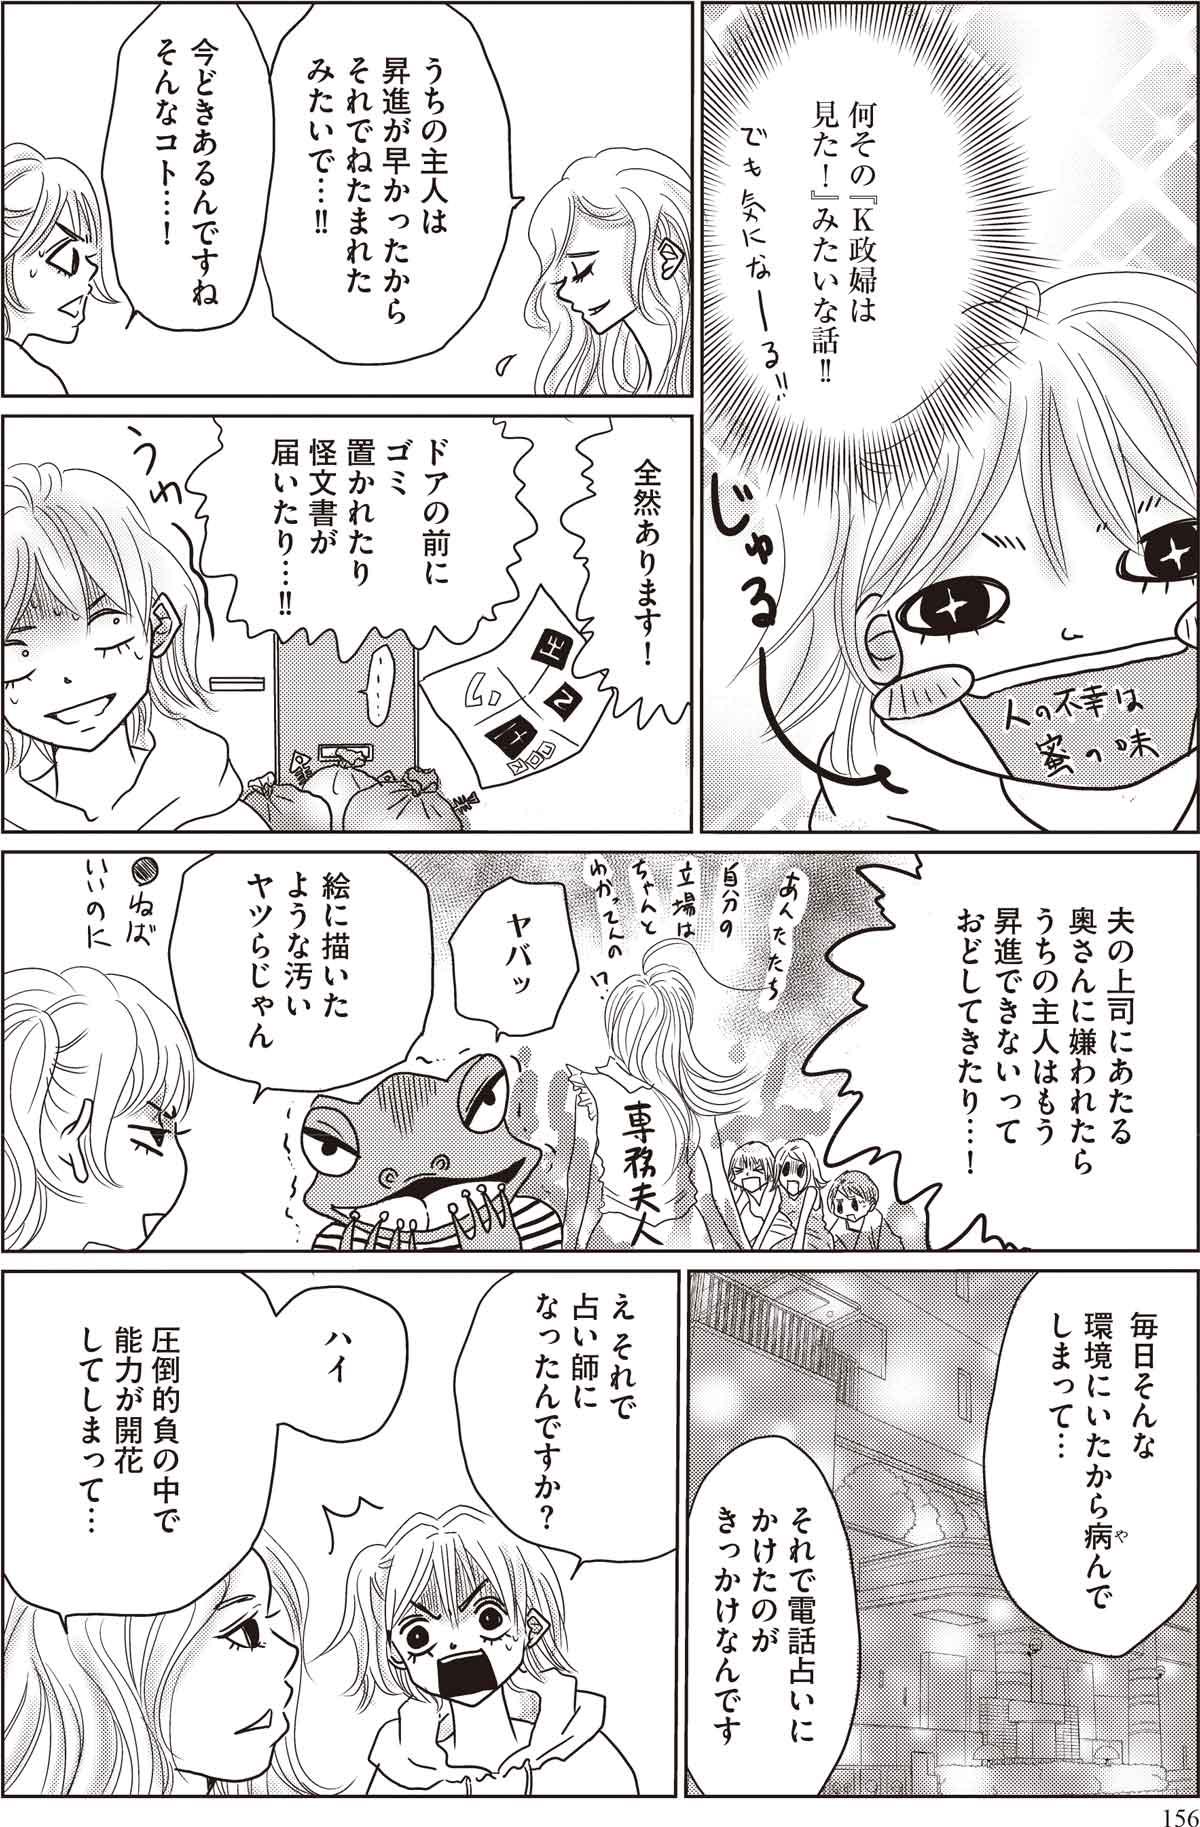 ミッチェル先生漫画3